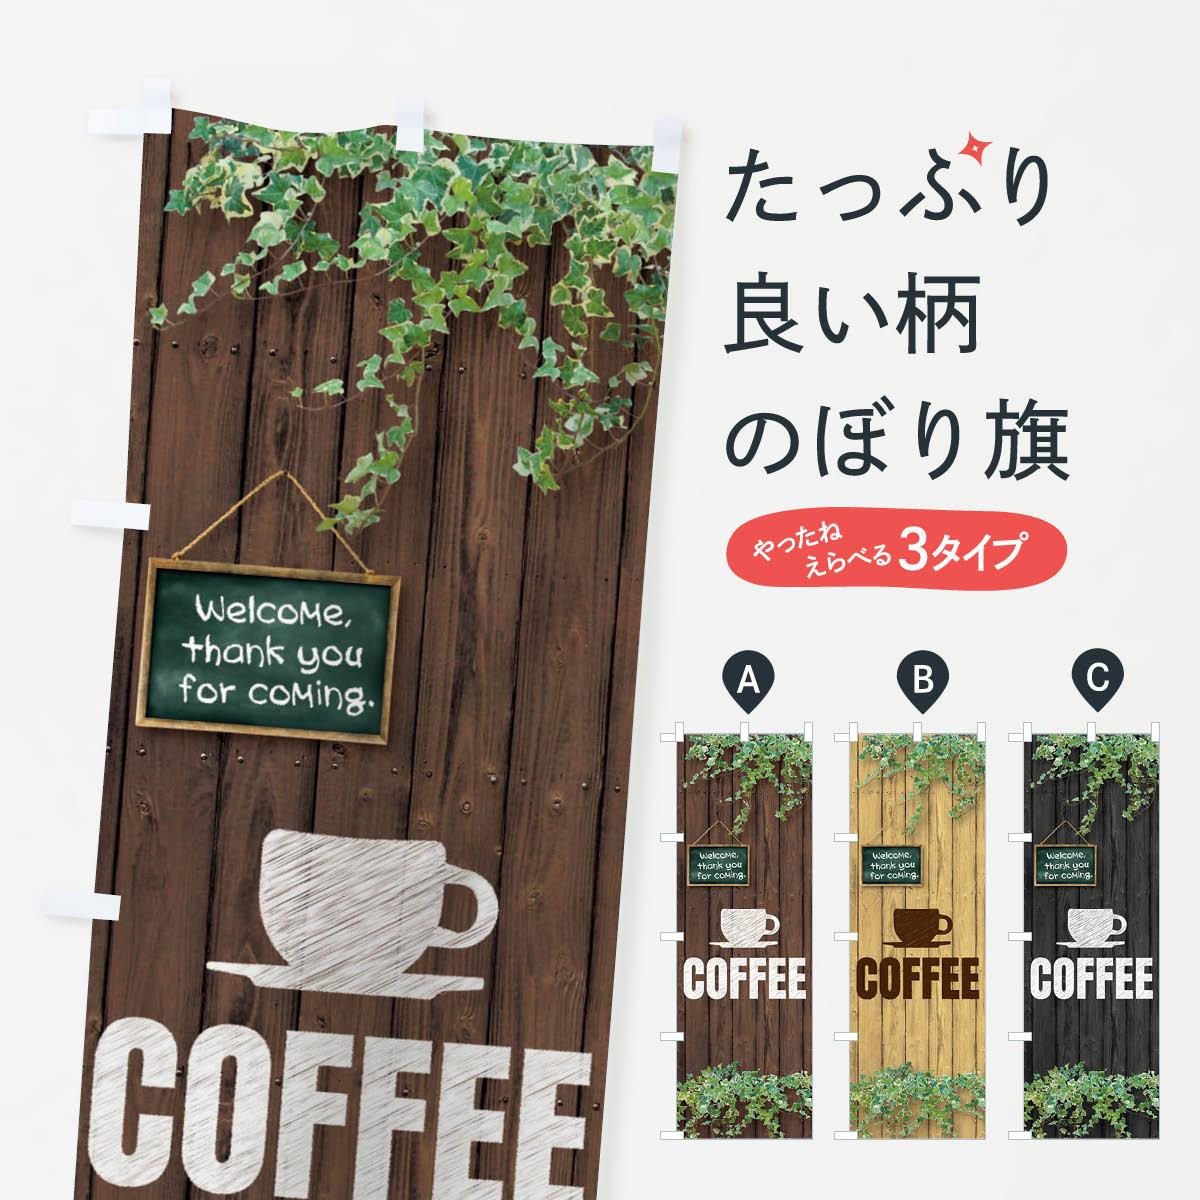 のぼり 横幕 返品不可 コーヒー 店内限界値引き中&セルフラッピング無料 低価格に対して高品質とデザイン性で選ばれてます 各サイズや仕様にも対応 コーヒーのぼり ネコポス送料360 のぼり旗 EYL6